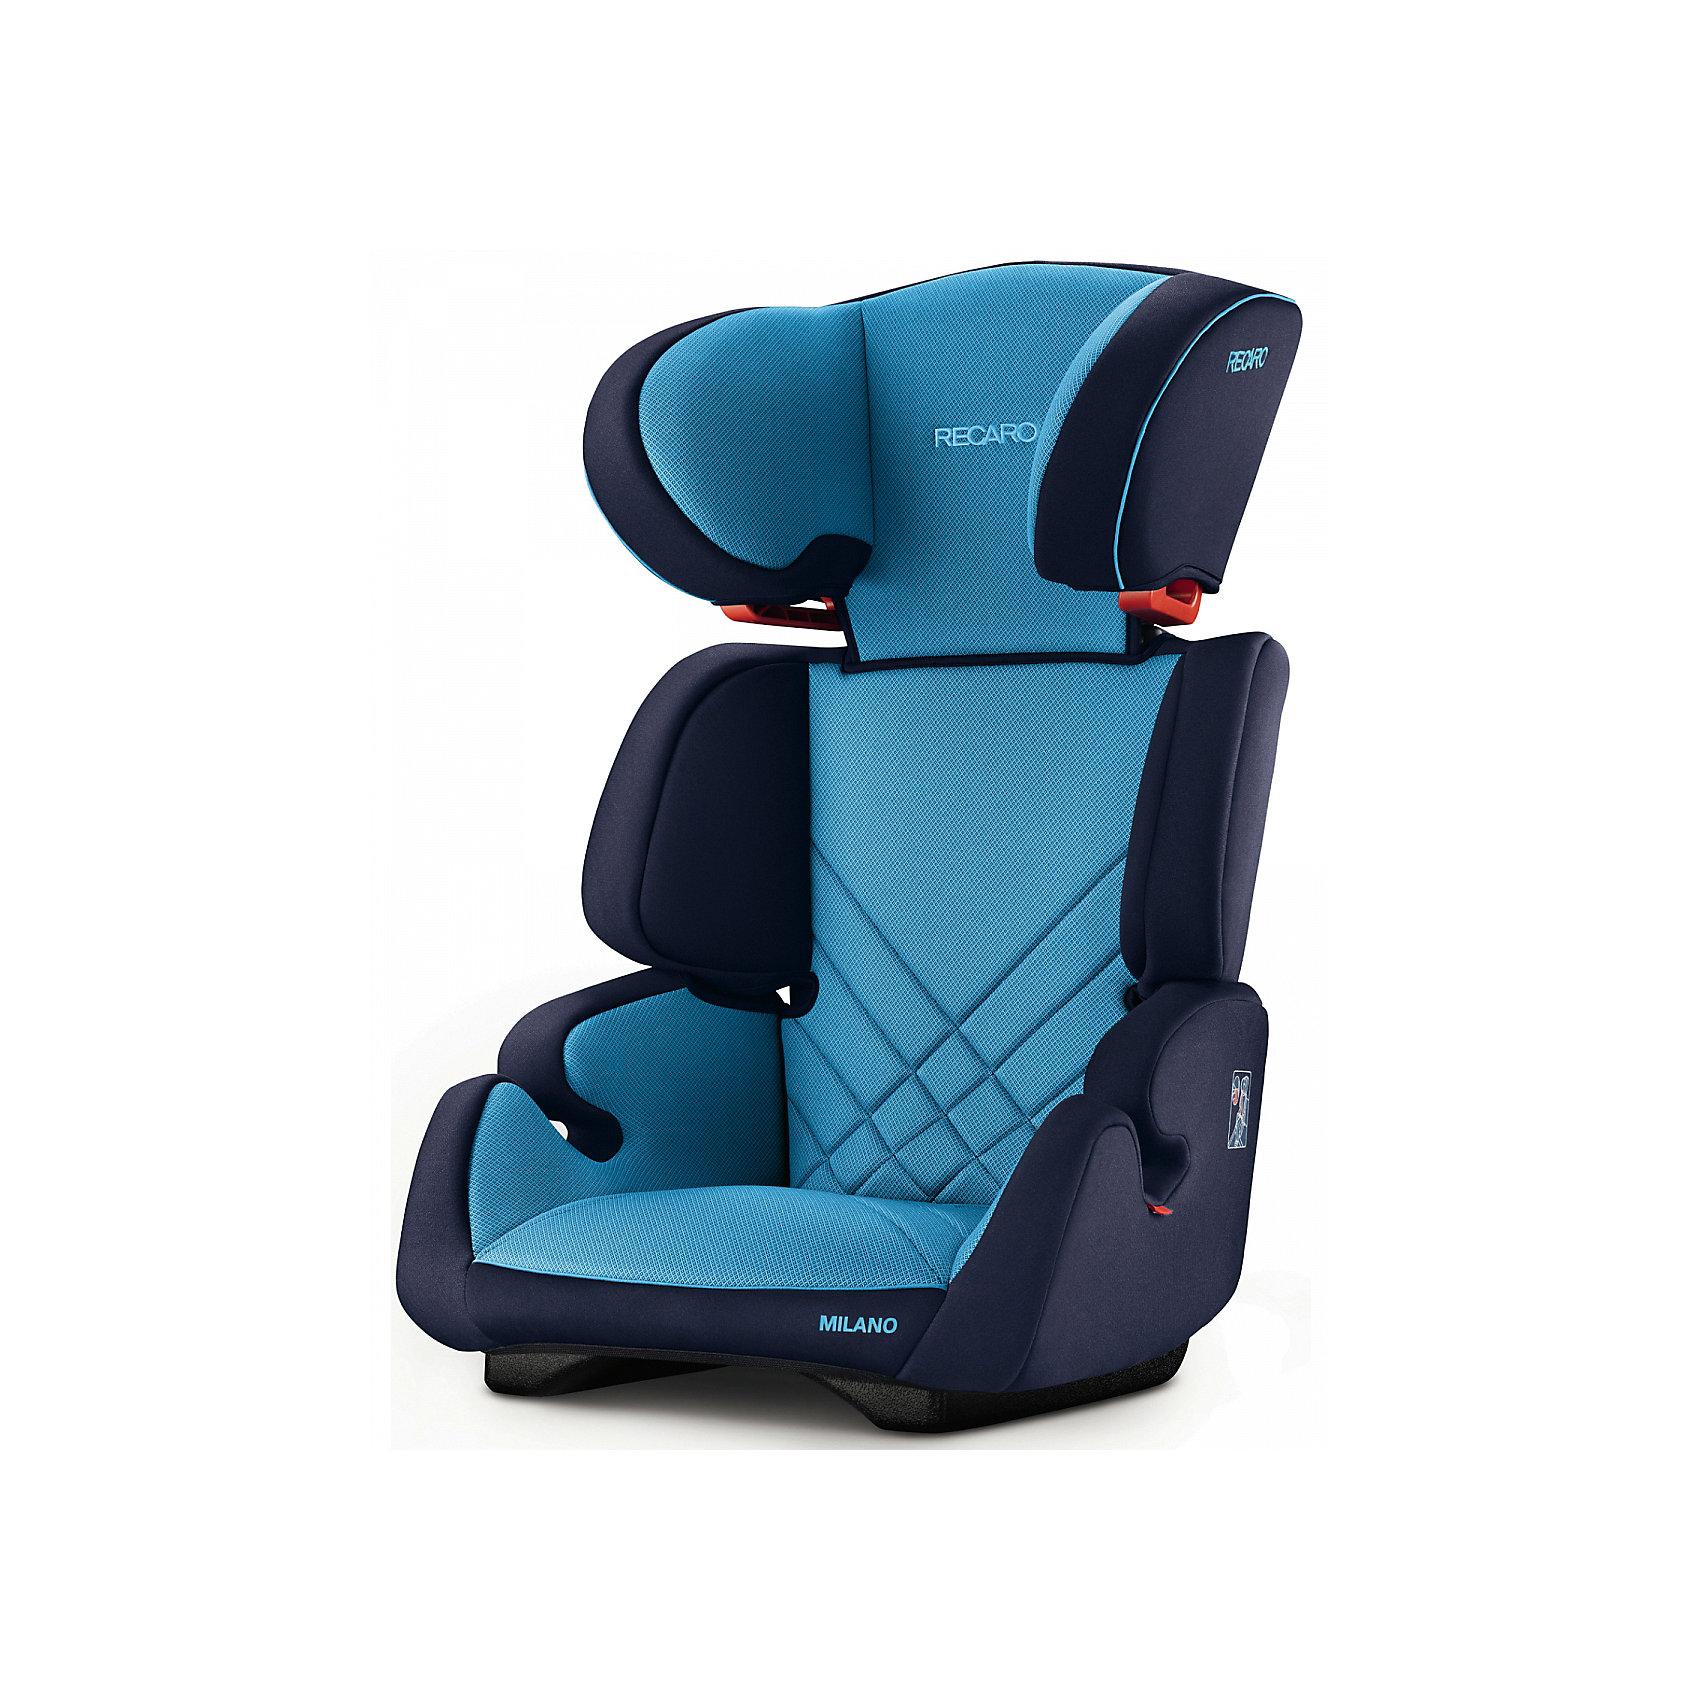 Автокресло Milano Seatfix 15-36 кг., Recaro, Xenon BlueХарактеристики:<br><br>• группа автокресла: 2/3;<br>• вес ребенка: 15-36 кг;<br>• возраст ребенка: от 3 до 12 лет;<br>• рост ребенка: от 95 до 150 см;<br>• способ крепления: встроенная система IsoFix;<br>• способ установки: лицом по ходу движения автомобиля;<br>• регулируется высота подголовника: 6 положений;<br>• циркуляция воздуха внутри автокресла;<br>• наличие подлокотников;<br>• усиленная боковая защита;<br>• материал: пластик, полиэстер.<br><br>Размеры:<br><br>• размер автокресла: 61х50х45 см;<br>• высота спинки автокресла: 55/67 см;<br>• ширина сиденья: 29 см;<br>• глубина сиденья: 29 см;<br>• ширина подголовника: 20 см;<br>• вес: 6 кг.<br><br>Автокресло Milano Seatfix - продуманный вариант для подросших любителей путешествовать в автомобиле. Автокресло устанавливается на заднем сидении автомобиля с любой стороны. Встроенная система Изофикс позволяет легко и прочно устанавливать автокресло в салоне автомобиля. Регулирование высоты подголовника дает возможность настроить удобное положение в зависимости от того, как ребенок растет. Съемные чехлы можно стирать при температуре 30 градусов без отжима. <br><br>Автокресло Milano Seatfix 15-36 кг., Recaro, Xenon Blue можно купить в нашем интернет-магазине.<br><br>Ширина мм: 610<br>Глубина мм: 500<br>Высота мм: 450<br>Вес г: 6000<br>Возраст от месяцев: 36<br>Возраст до месяцев: 144<br>Пол: Мужской<br>Возраст: Детский<br>SKU: 5396743